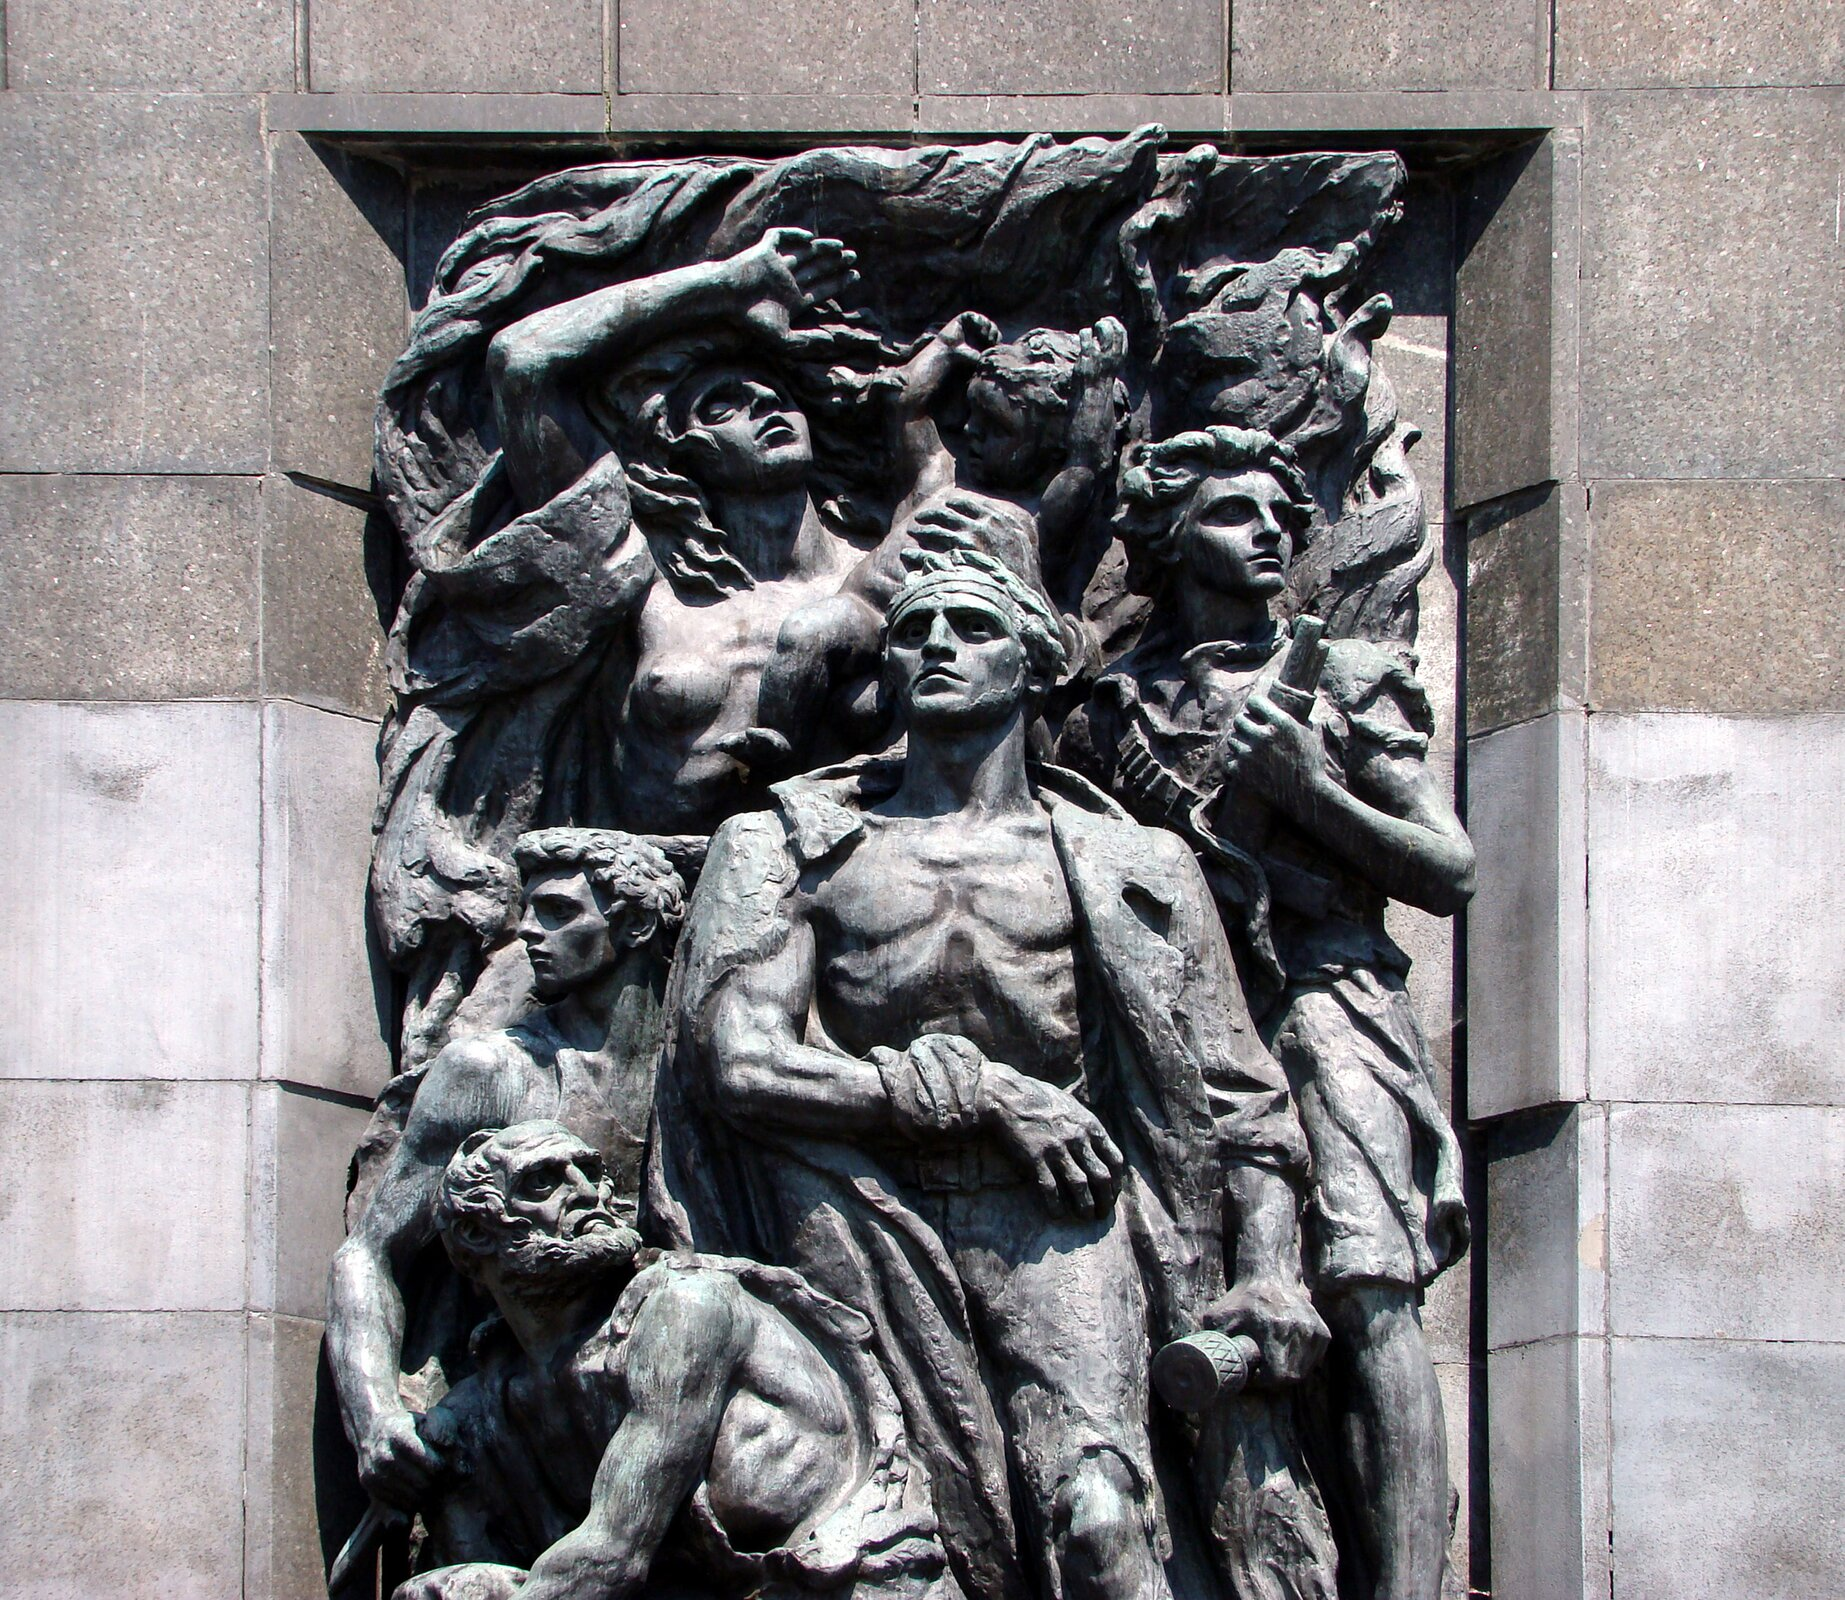 Pomnik Bohaterów Getta na warszawskim Muranowie Pomnik Bohaterów Getta na warszawskim Muranowie Źródło: domena publiczna.